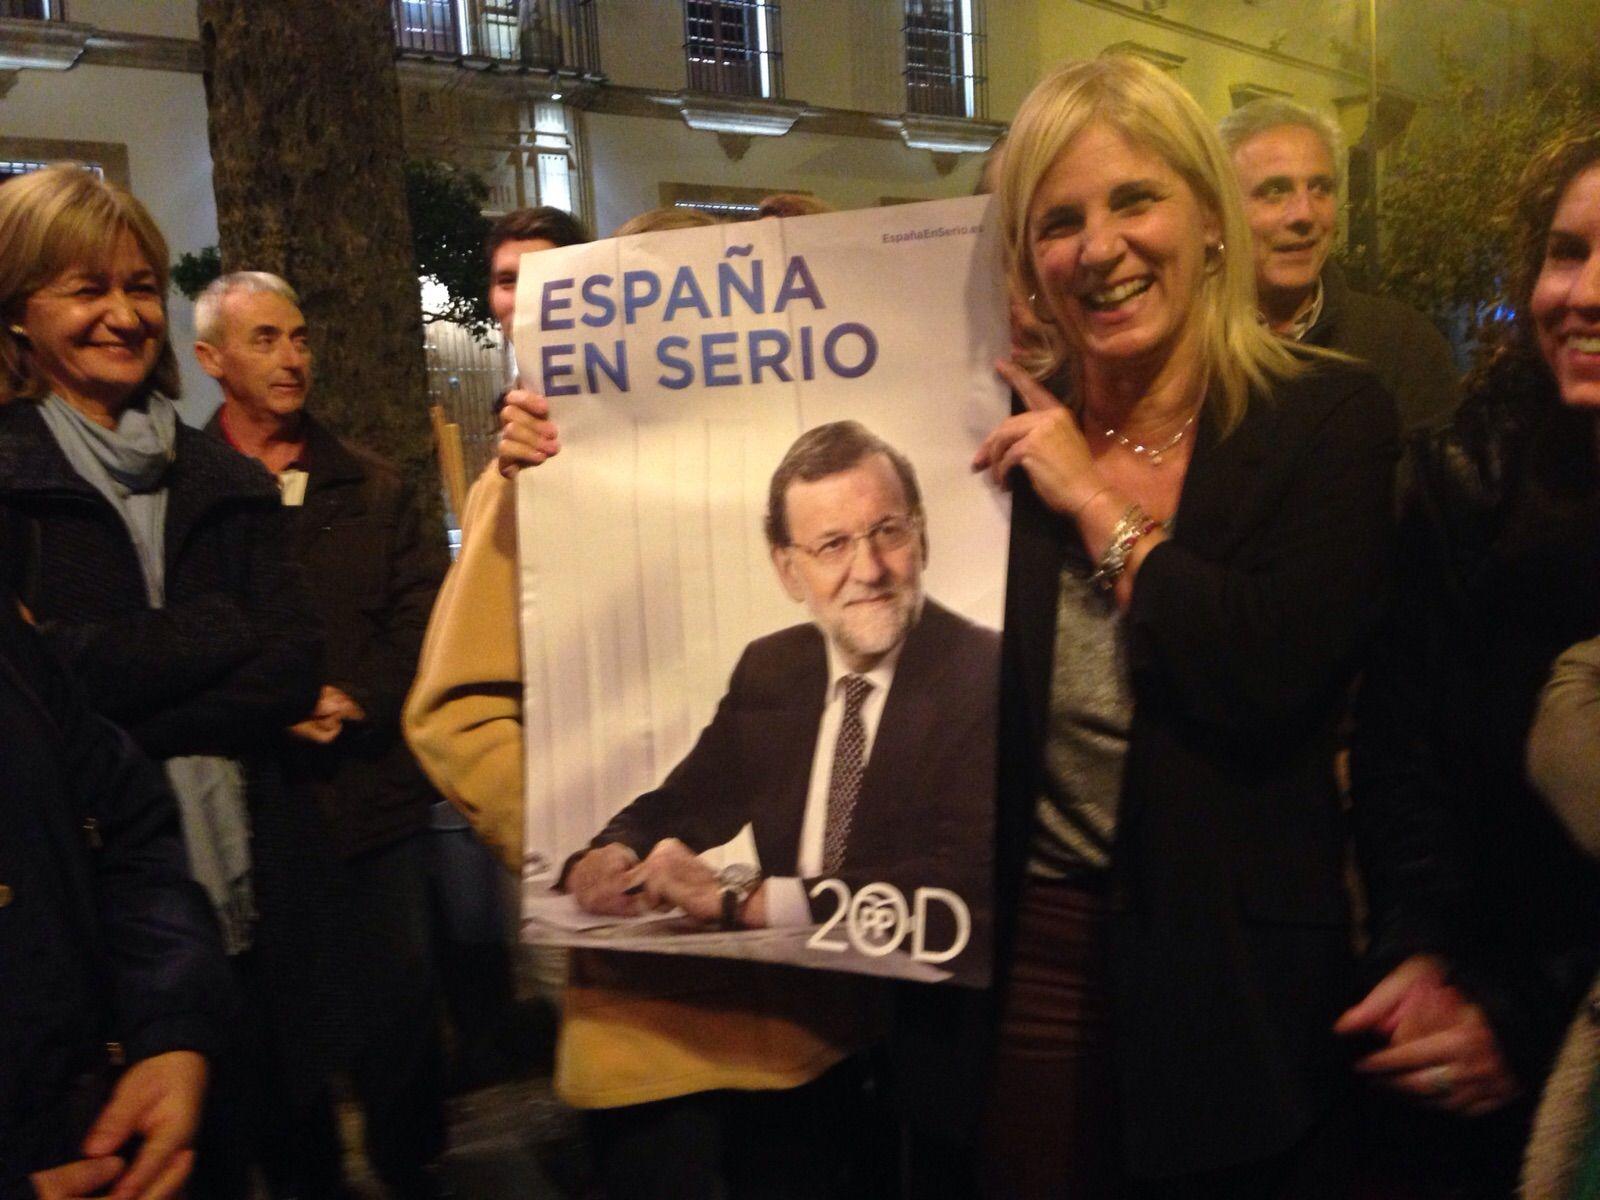 María José García-Pelayo mostrando un cartel del PP de Mariano Rajoy.